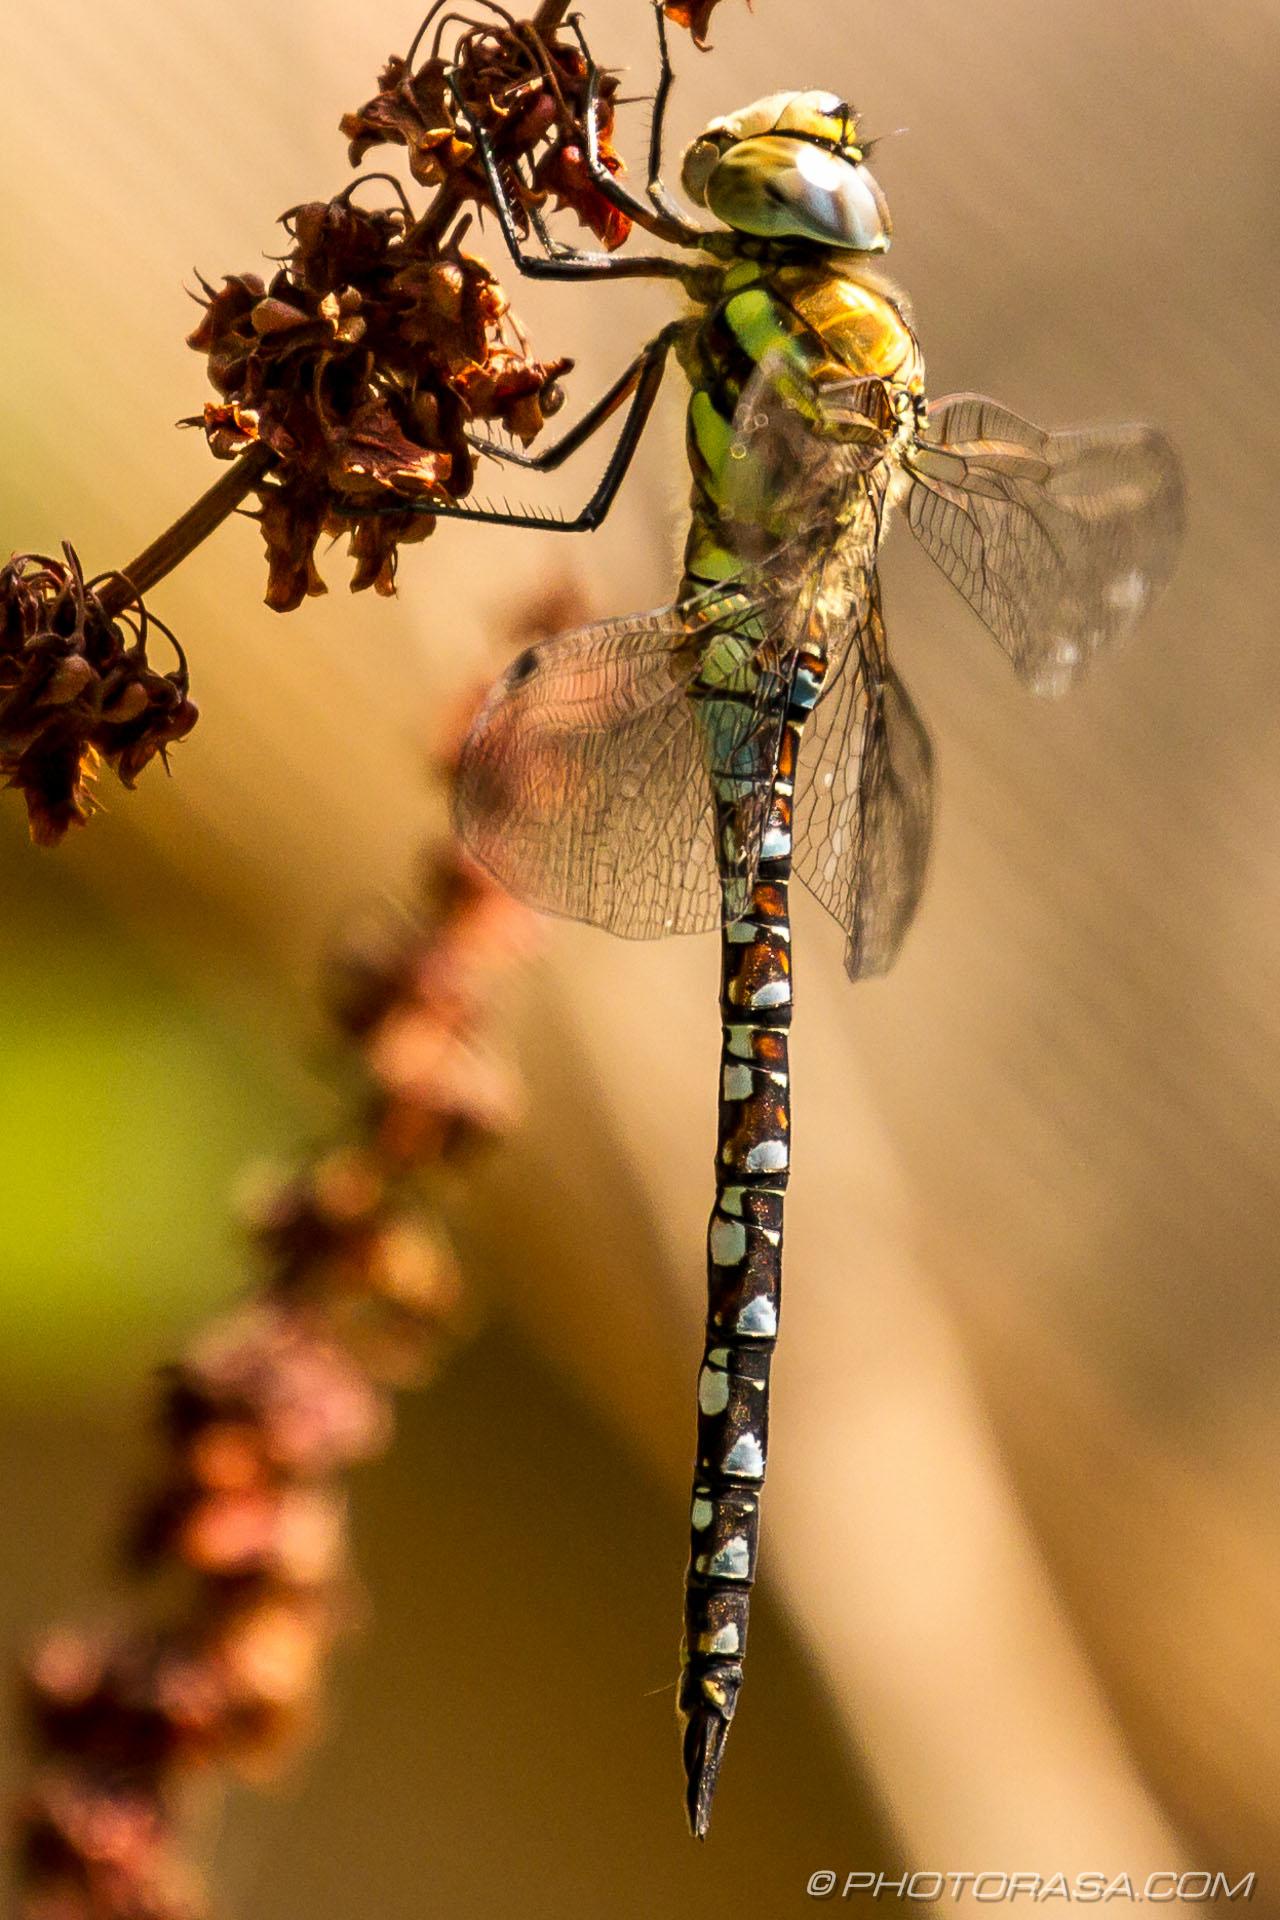 http://photorasa.com/dragonflies/migrant-hawker-dragonfly/